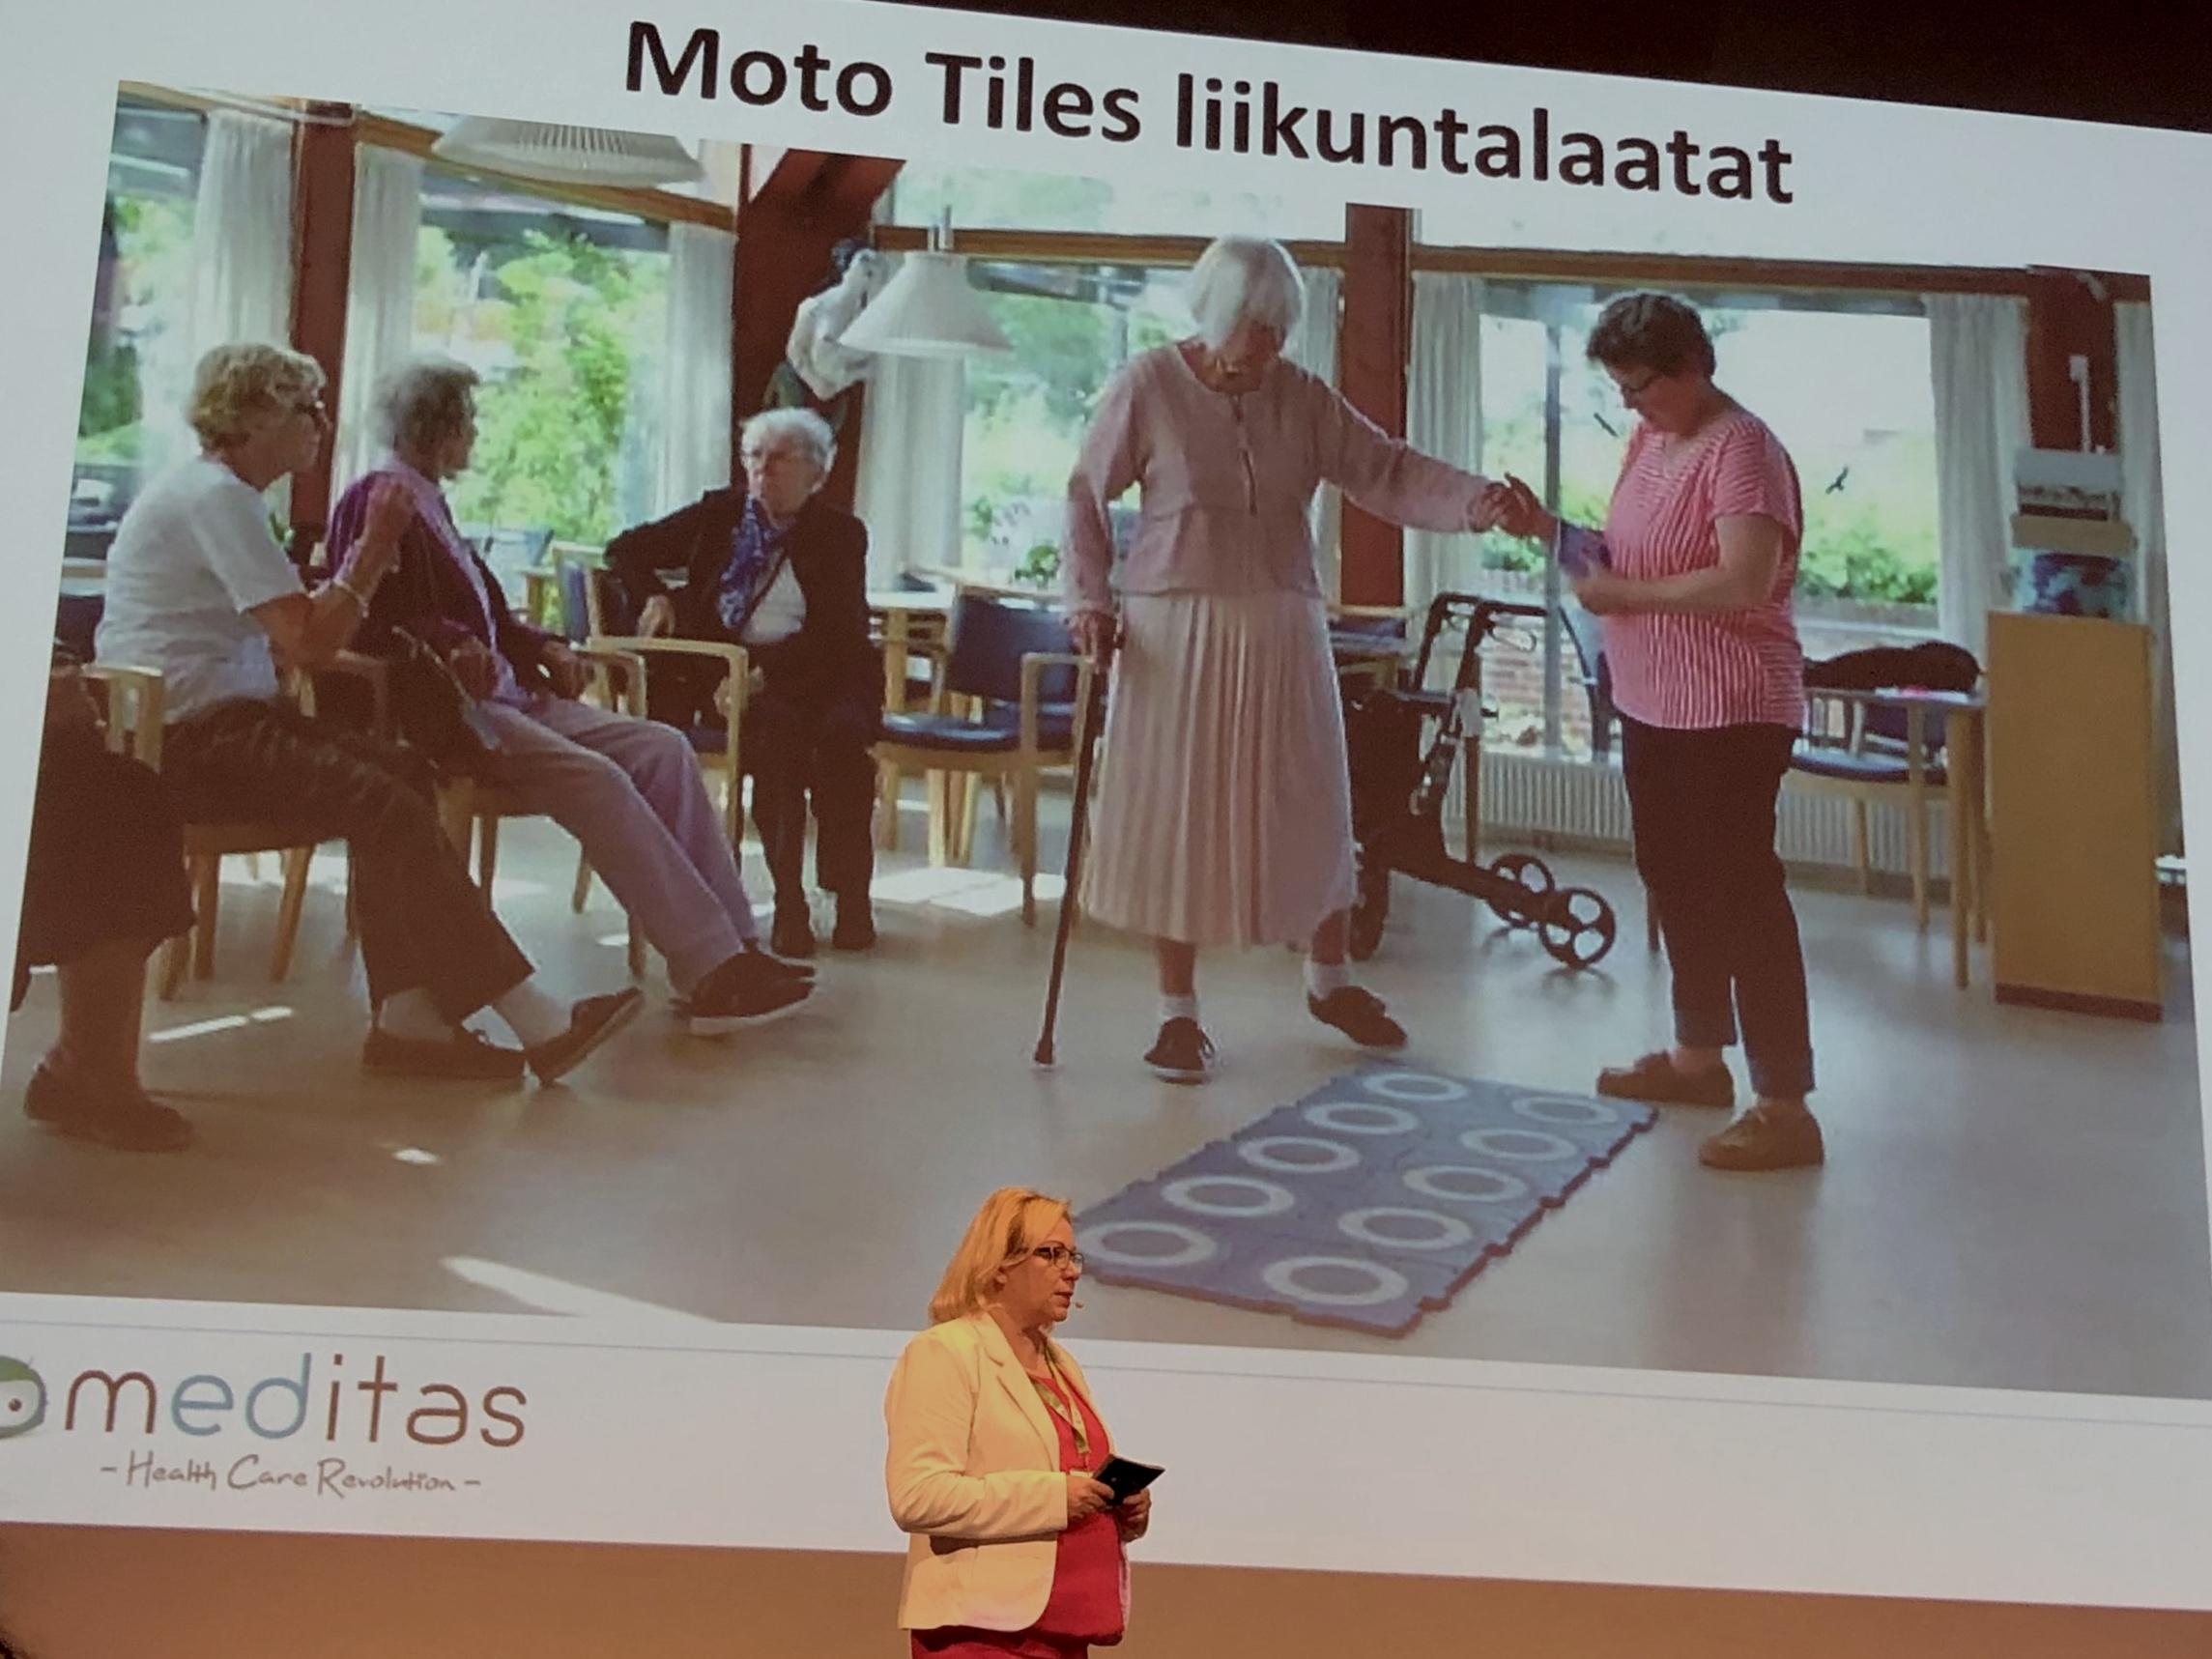 Hyvinvointiteknologian tuotteet esillä TERVE-SOS -tapahtumassa Oulussa. Kuvassa esiintymisvuorossa Minna Laine Meditas Oy:stä.